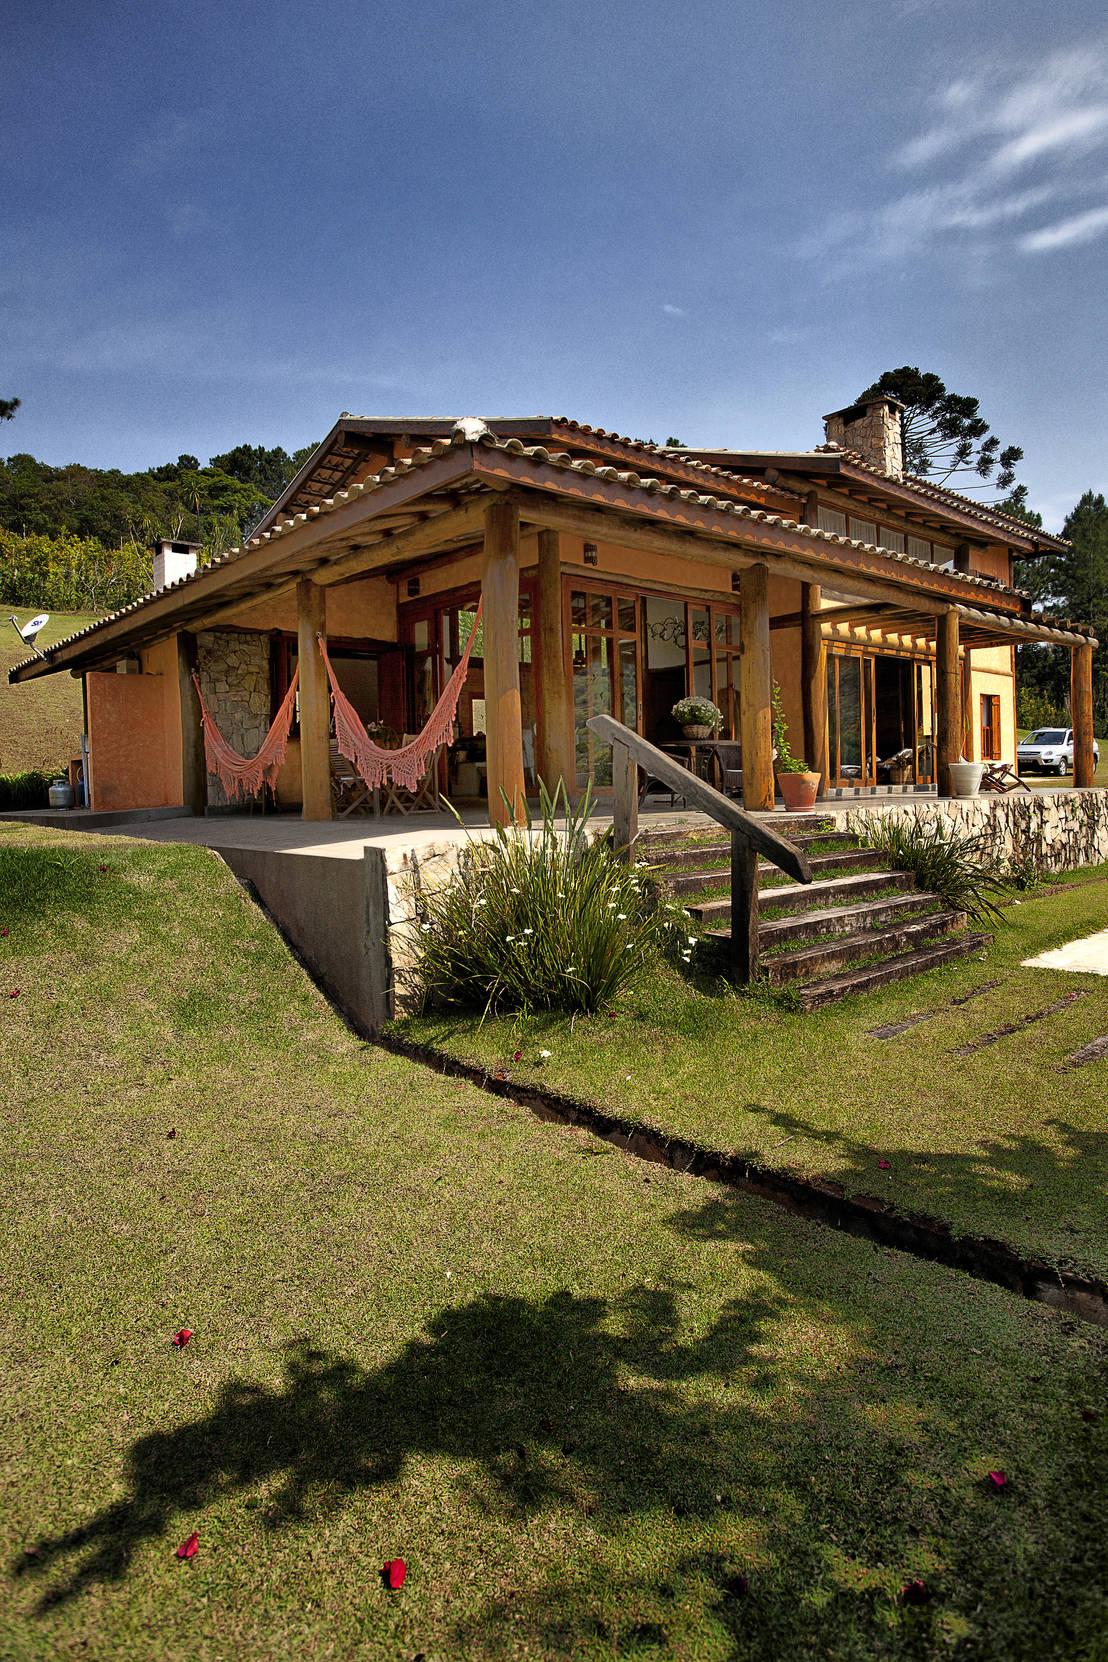 15 fotos de una casa de campo r stica y fabulosa - Imagenes de casas de campo ...